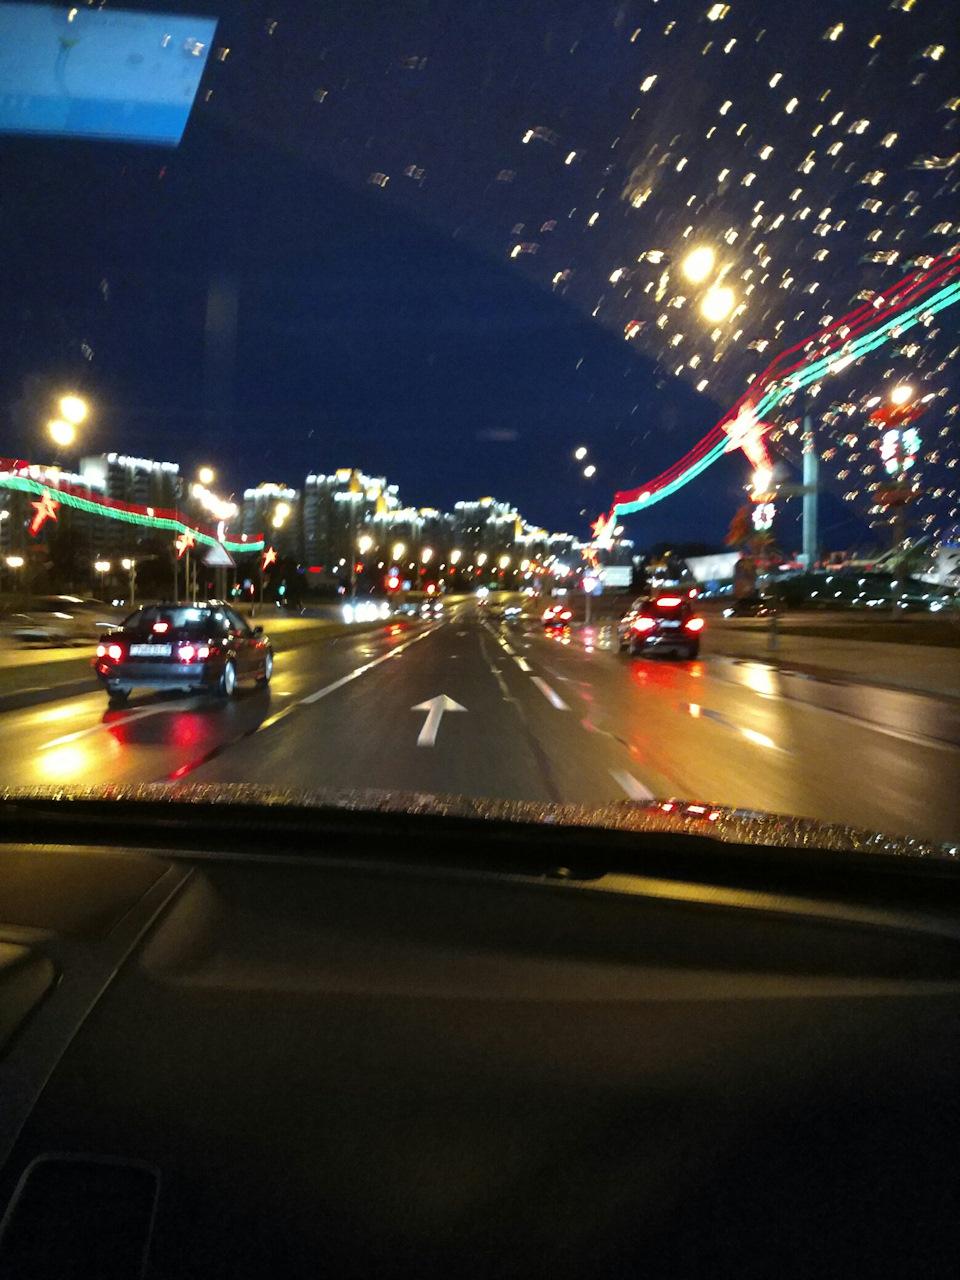 ночь дорога машина картинки для фотографов видеографов